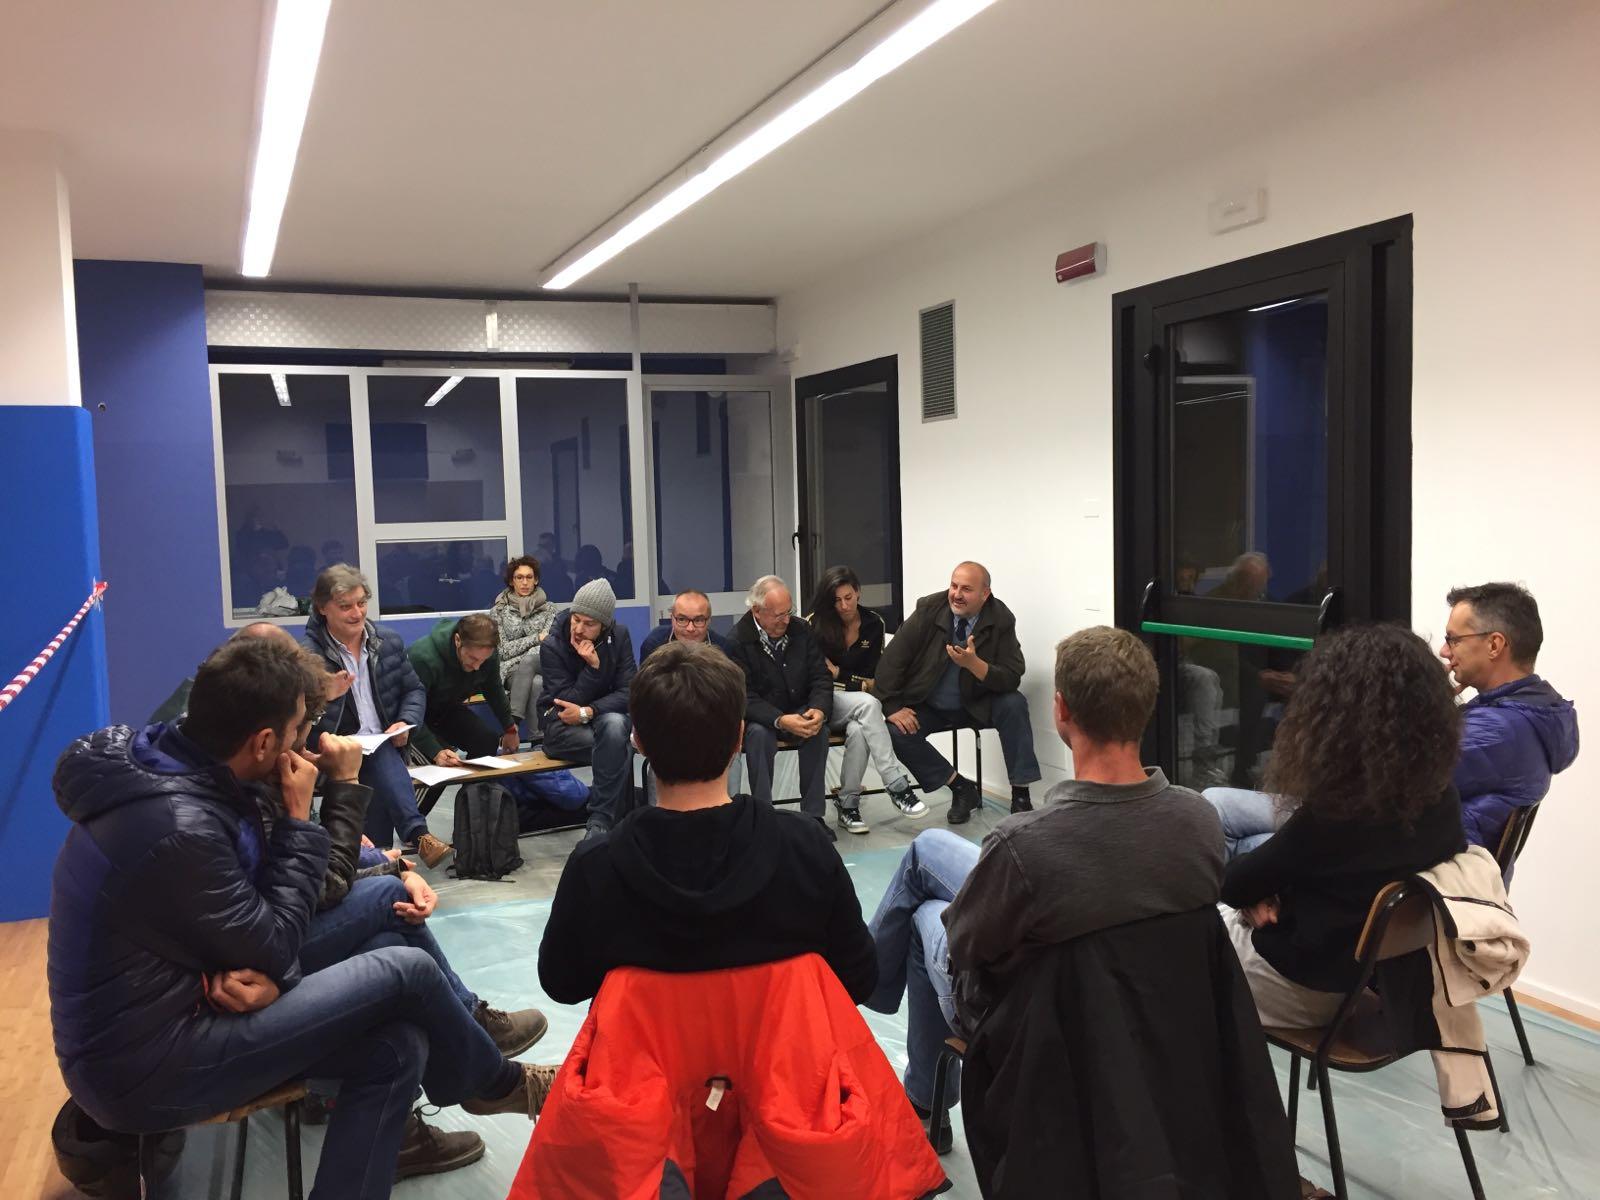 La Guida - Giuseppe Lauria presidente del circolo schermistico Cuneo